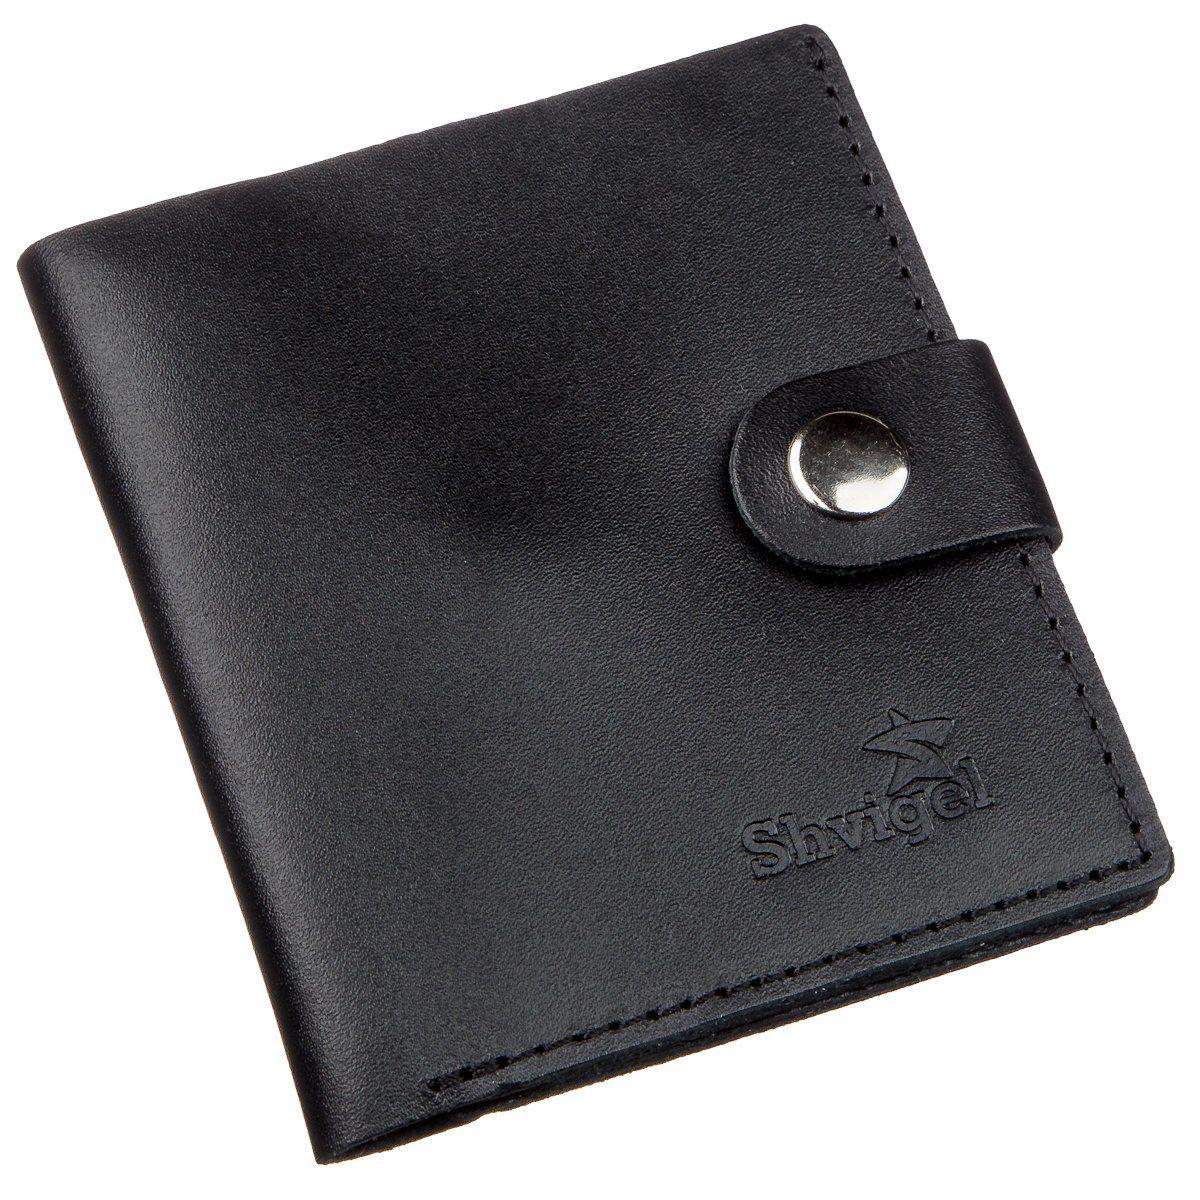 Портмоне вертикальное мужское кожаное с монетницей SHVIGEL 16221 Черное